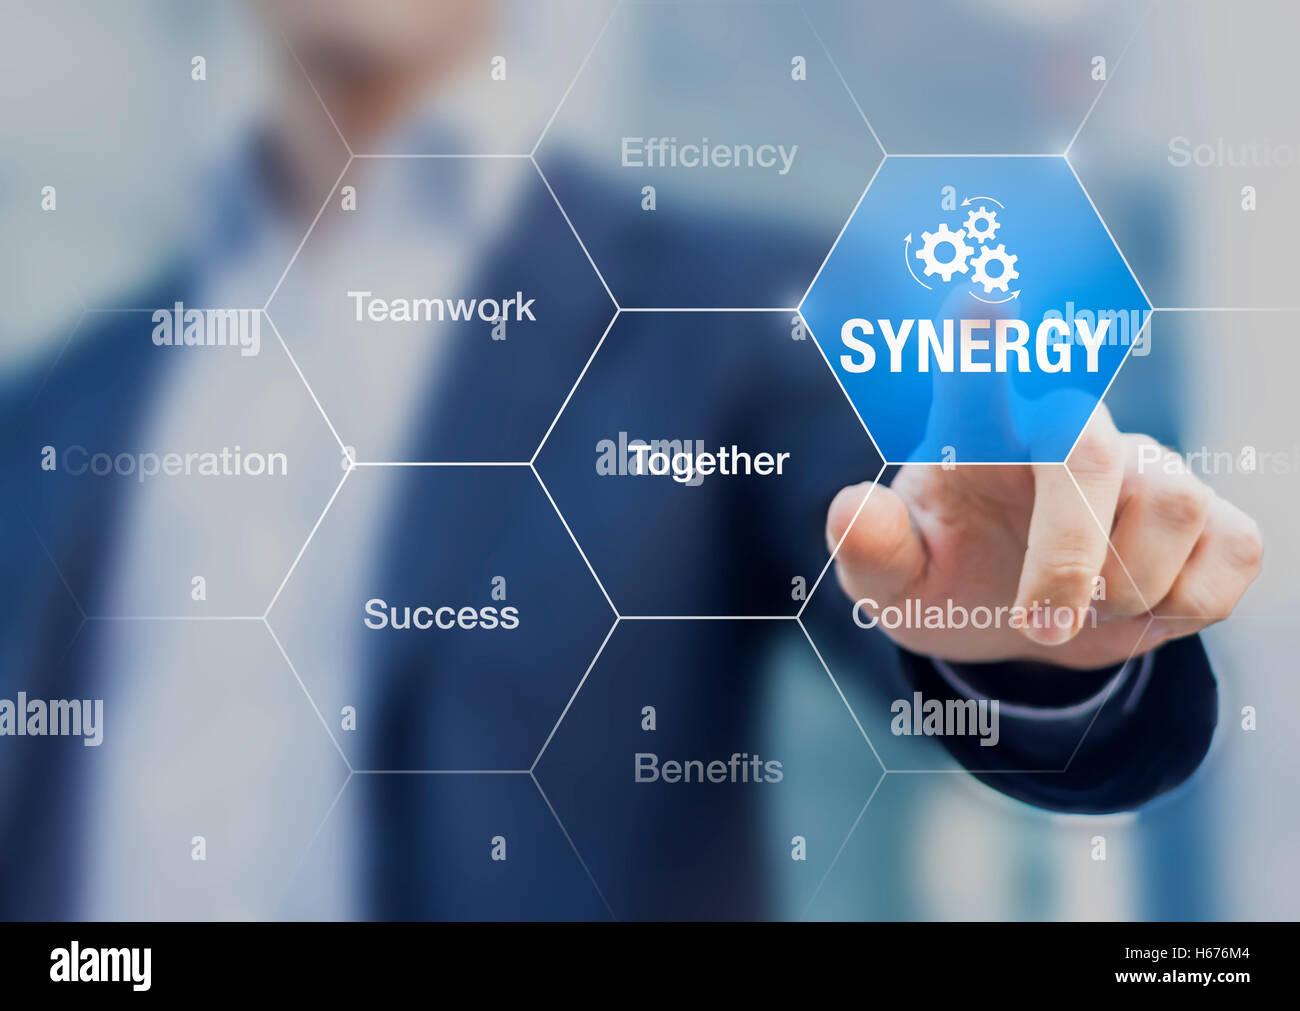 Sinergia, concetto su come ottenere i migliori risultati dalla collaborazione, conferenza di presentazione con imprenditore Immagini Stock